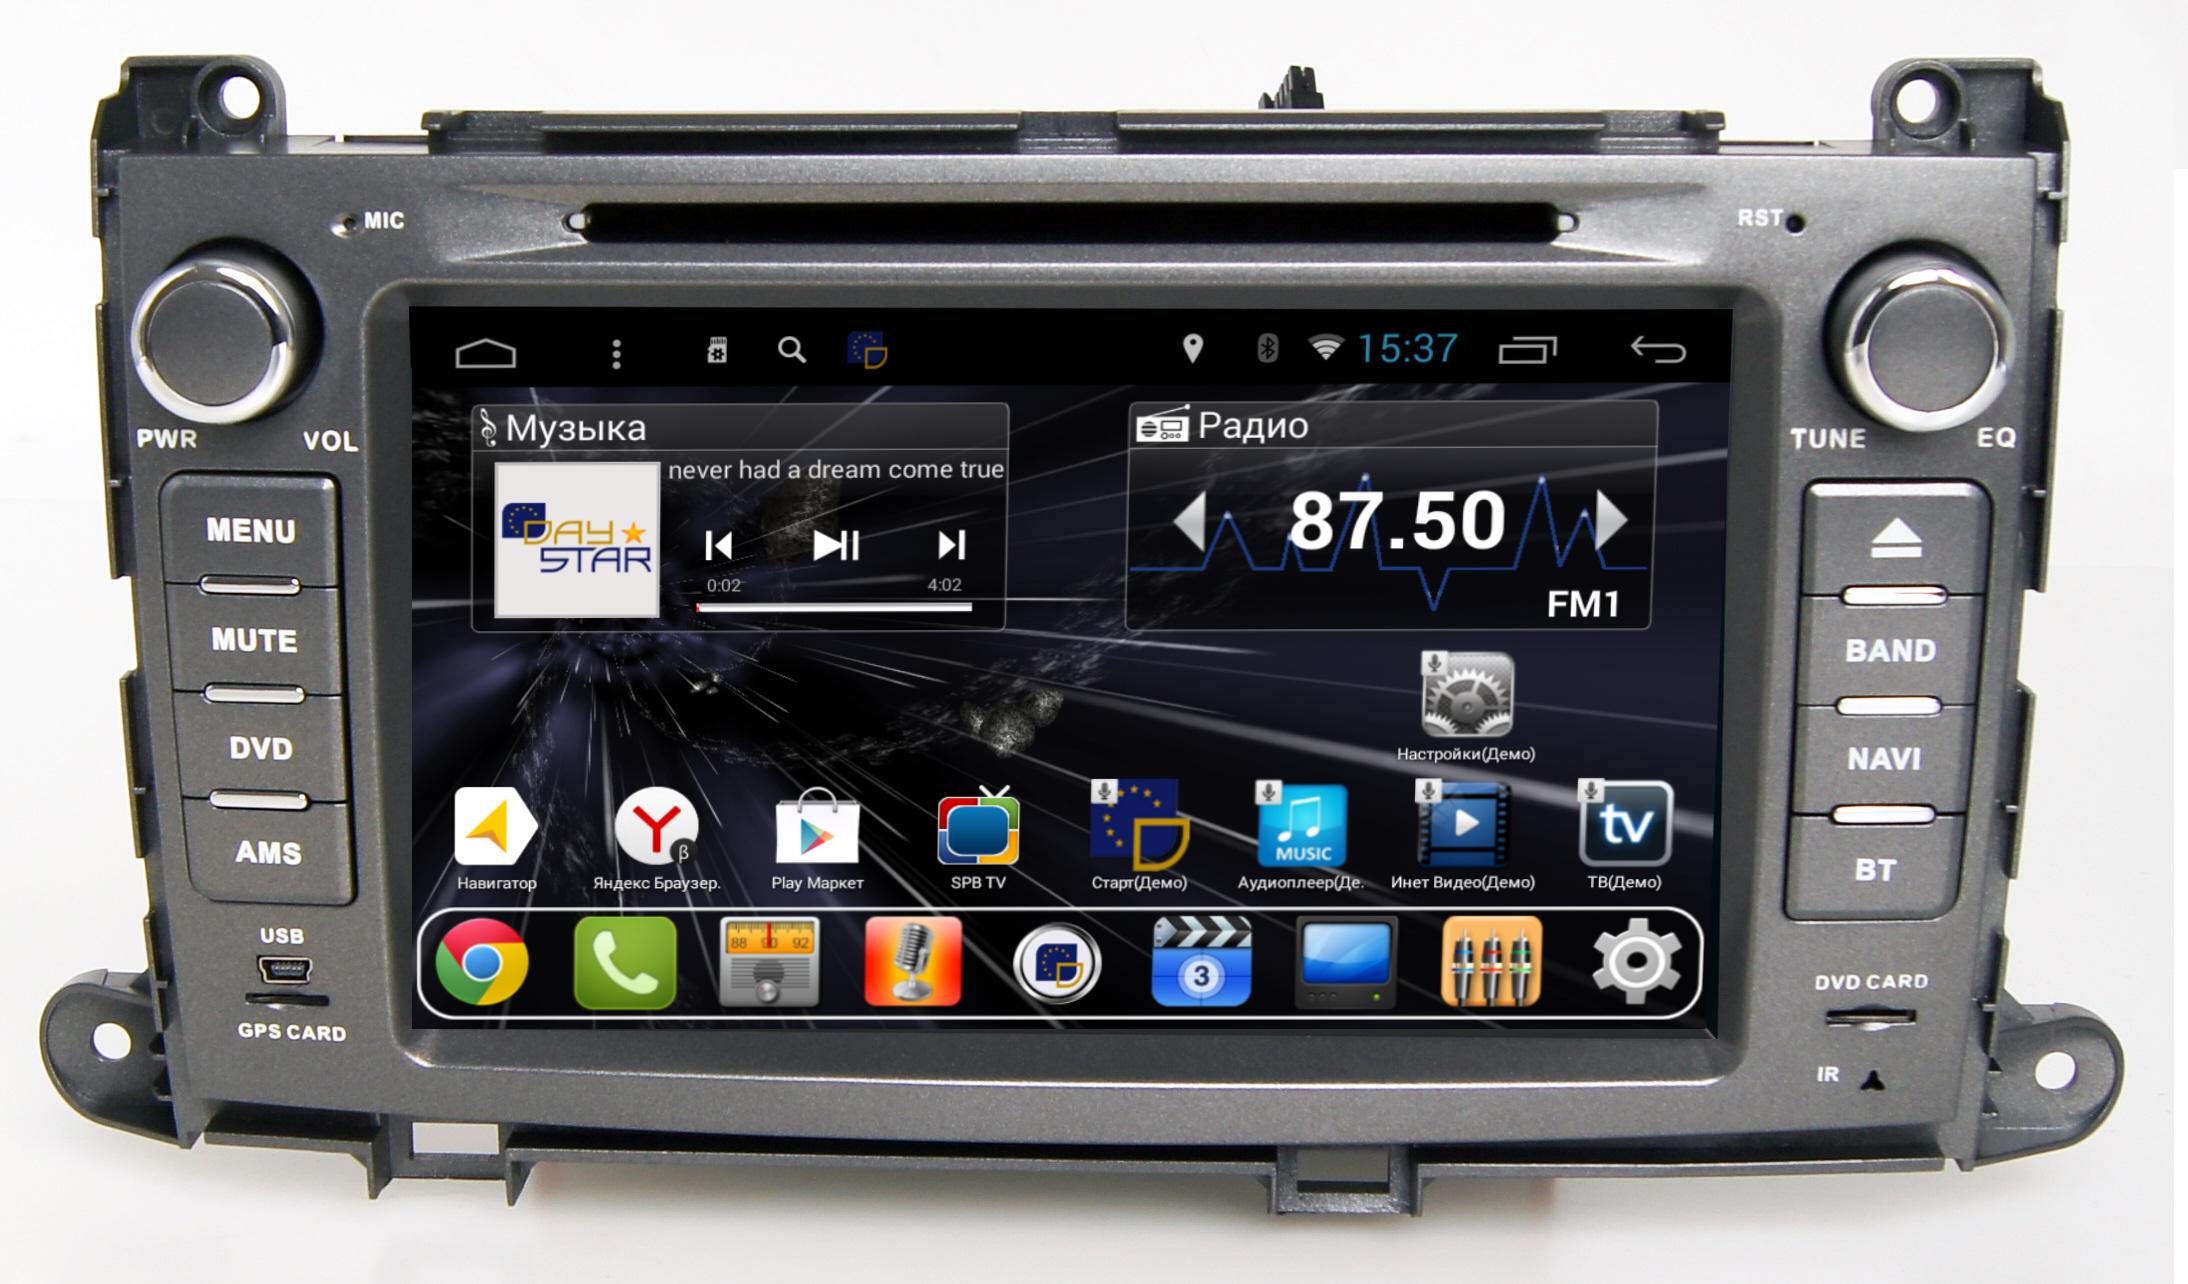 Штатная магнитола DayStar DS-8005HD Toyota Sienna штатное головное устройство daystar ds 7047hb toyota prado 150 2013 android 6 4 ядра